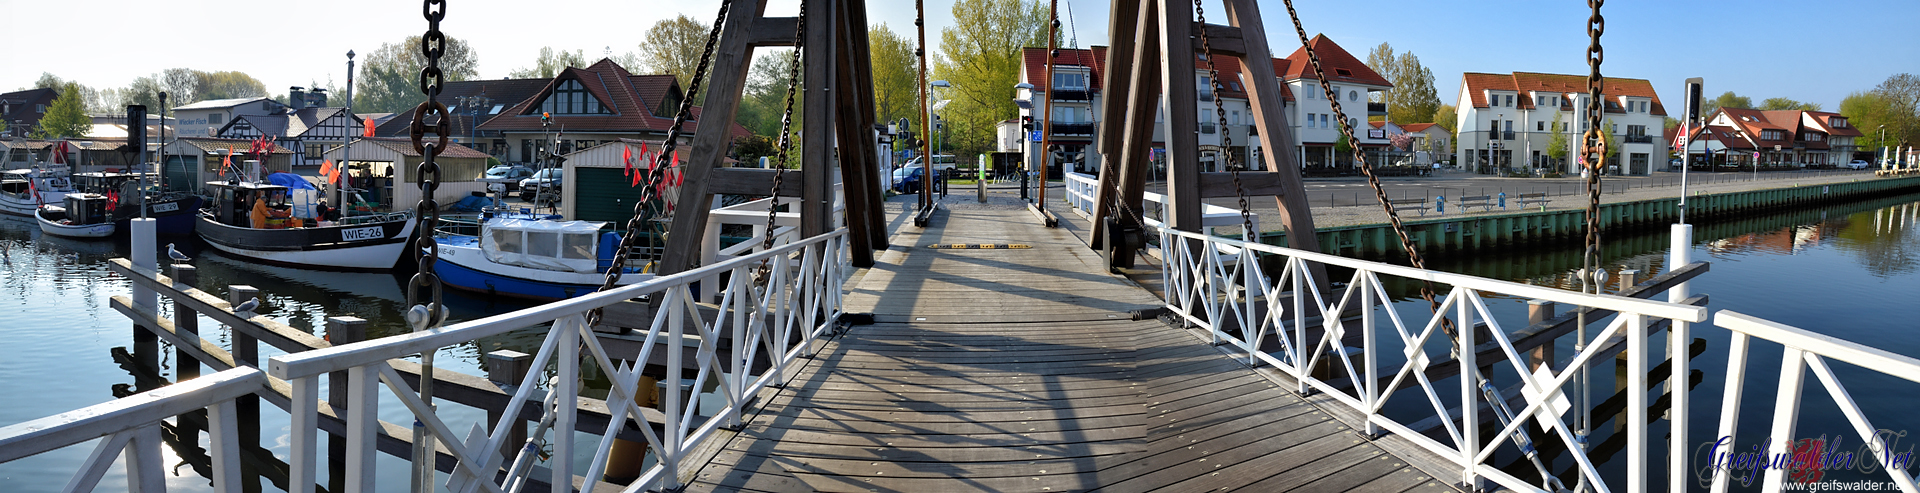 Auf der Brücke in Greifswald-Wieck